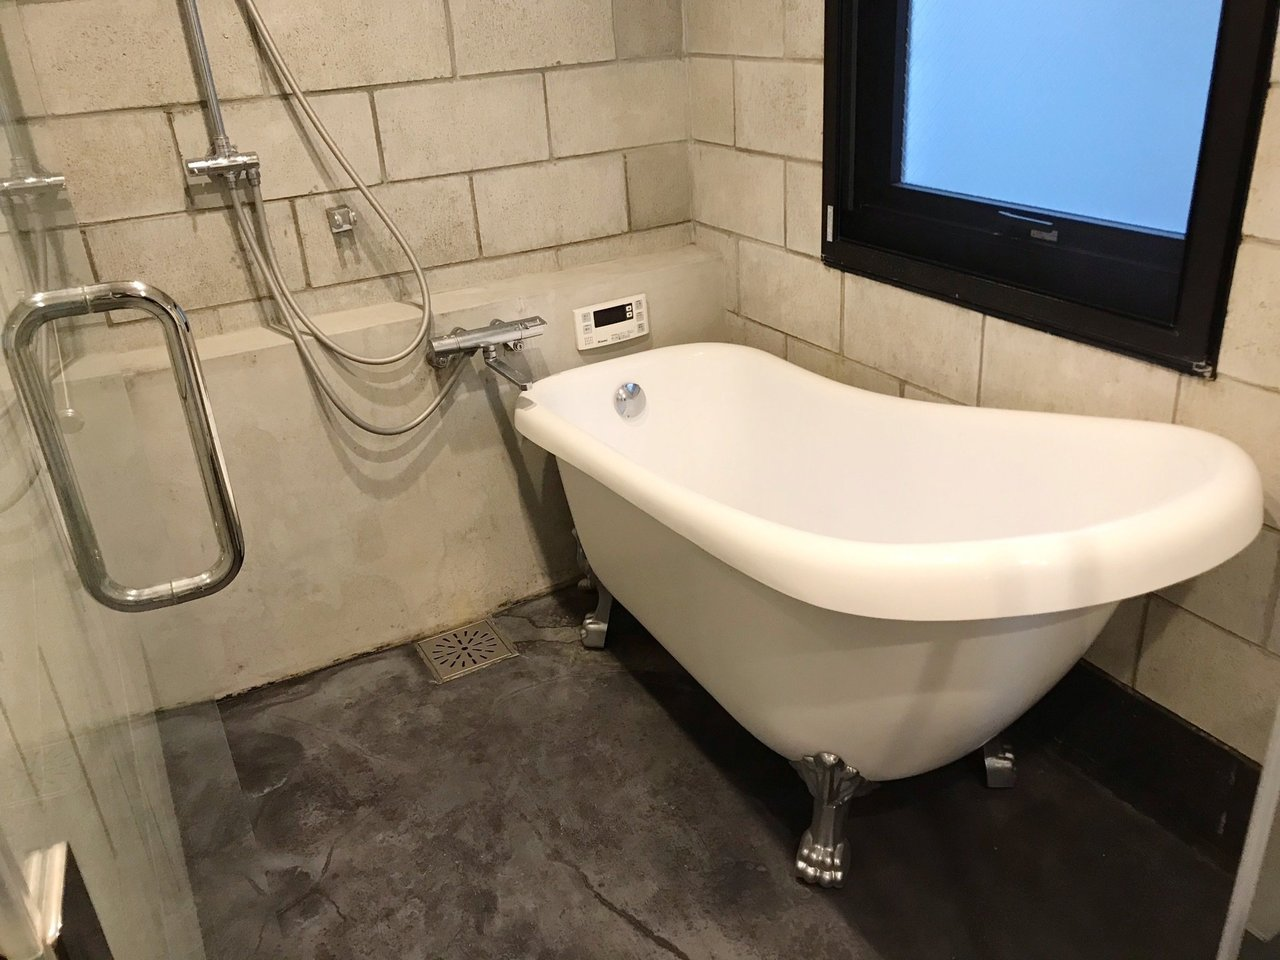 1Fに寝室とバス・トイレ。お風呂、なんと猫足バスタブでした。全体的にトガったデザインでテンション上がります。